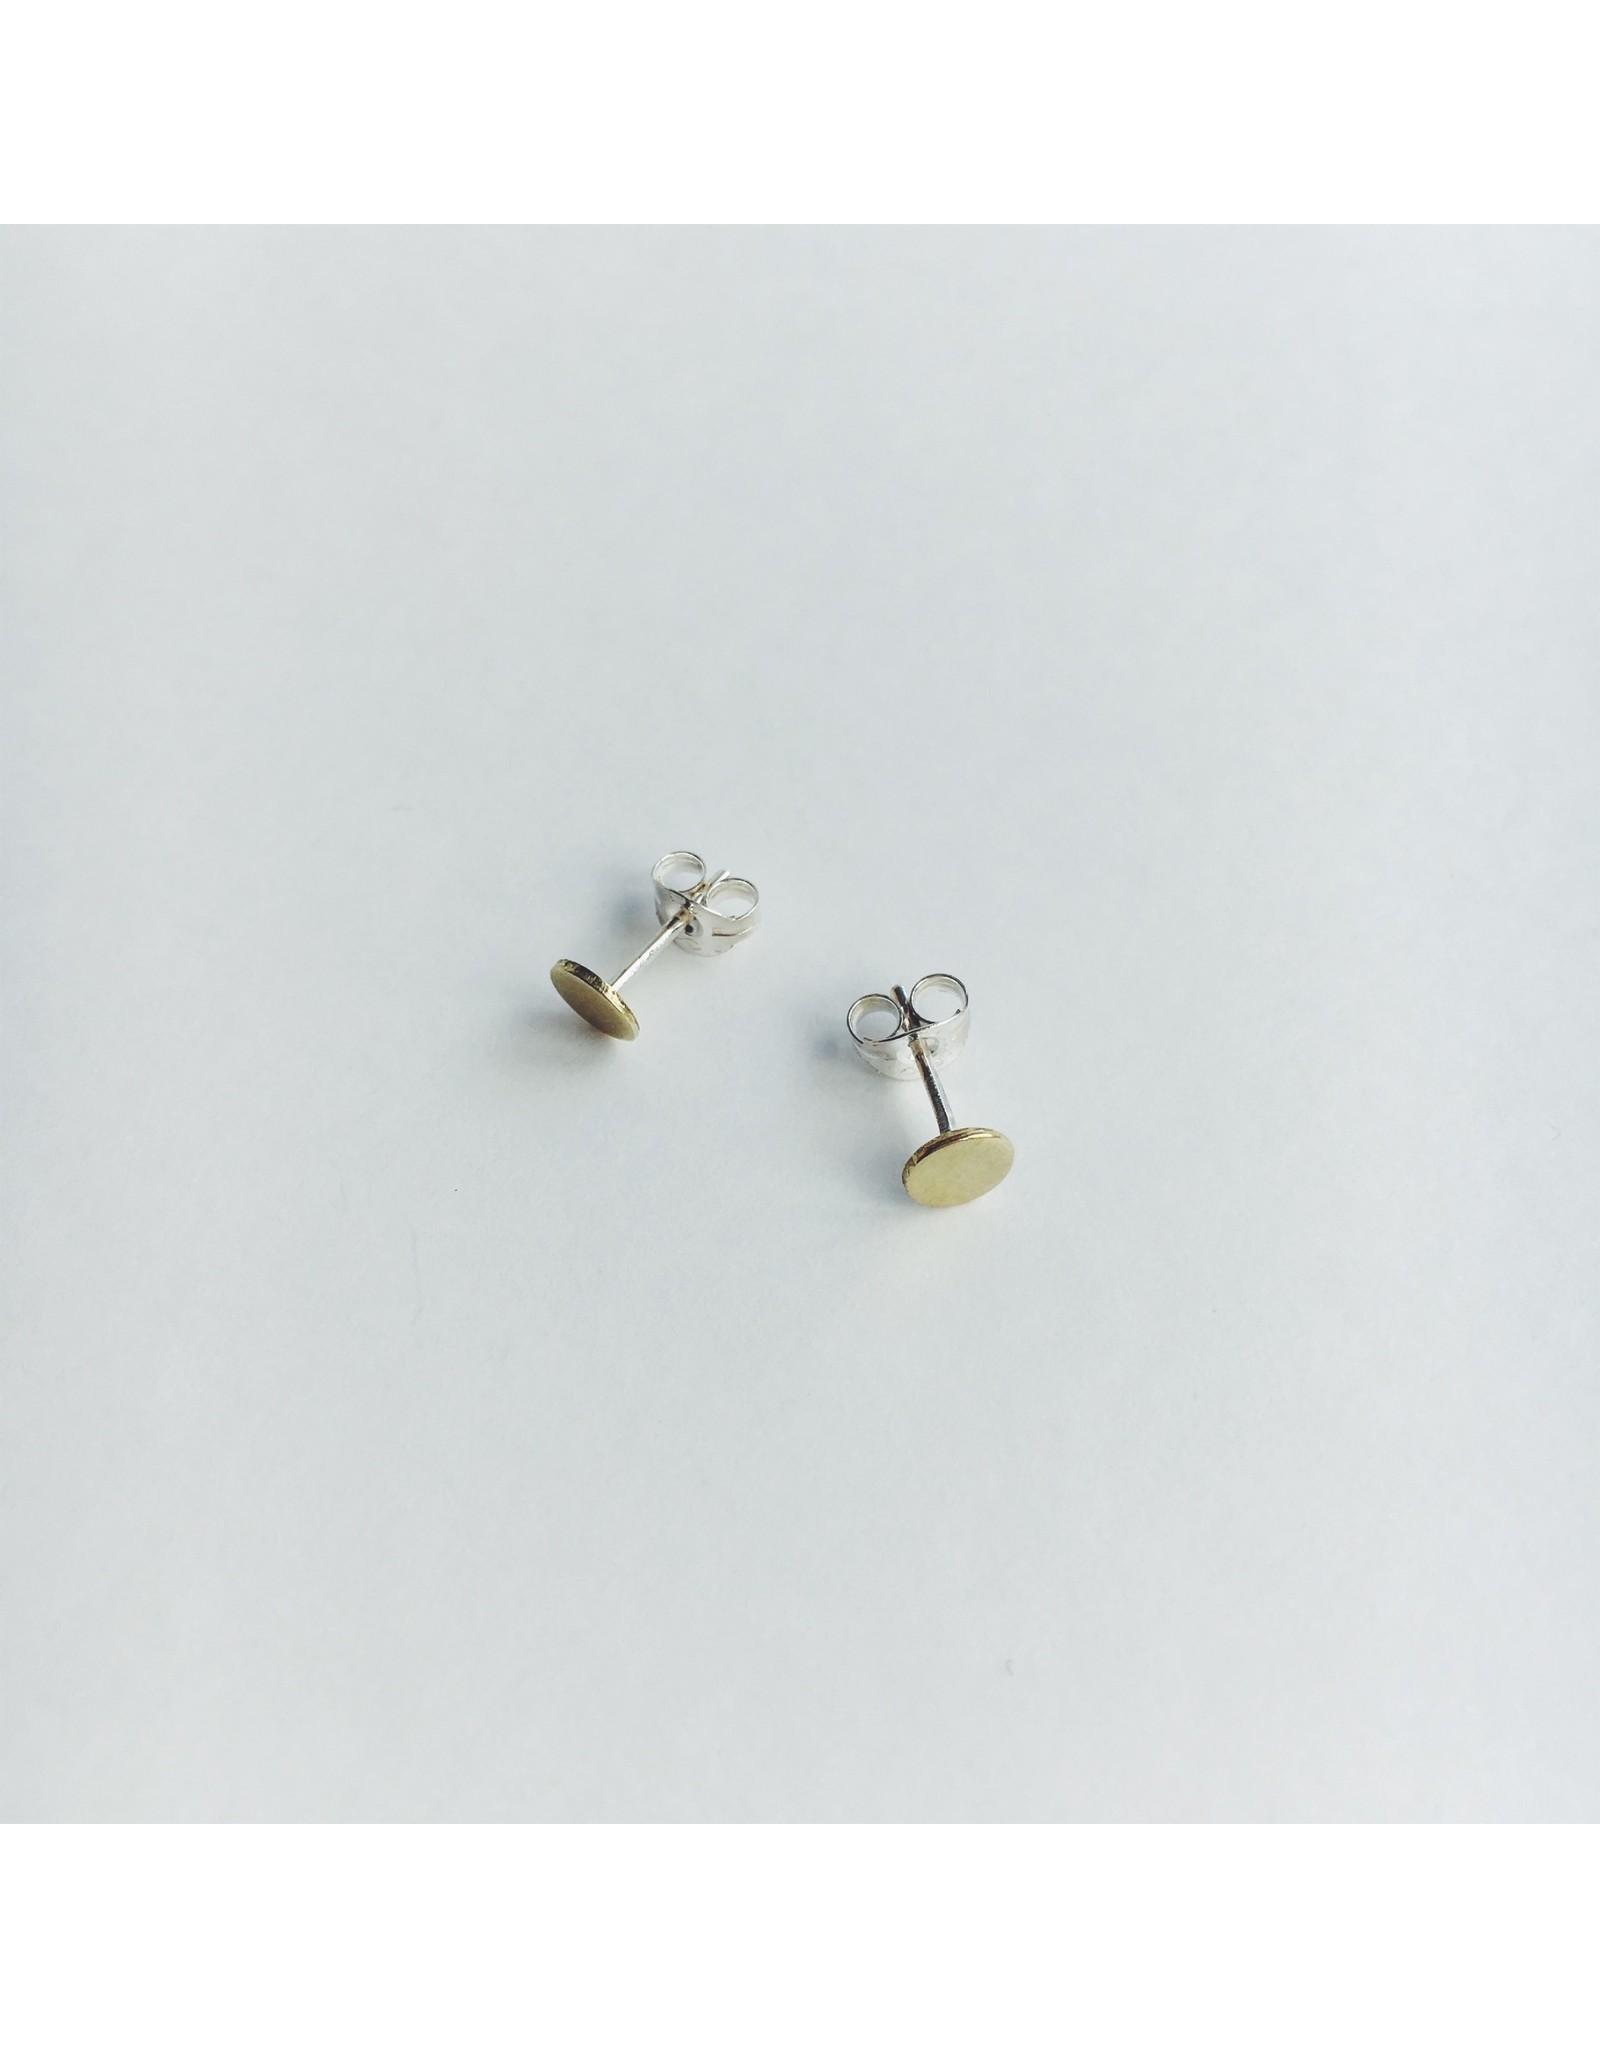 Brass Dot Stud Earrings